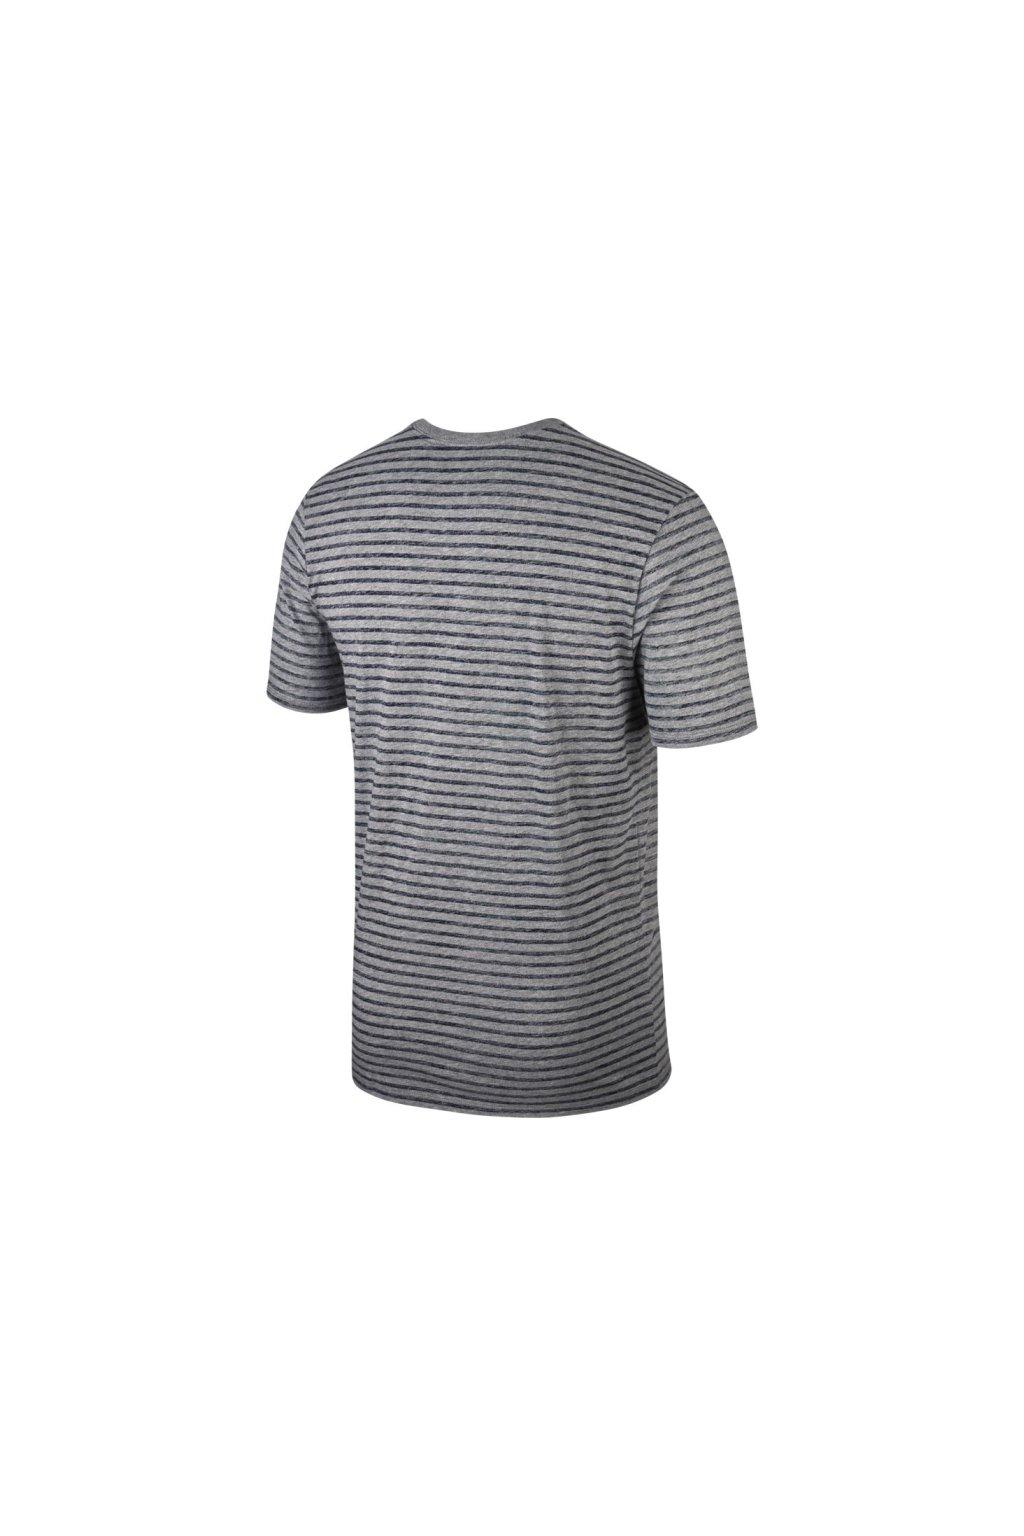 NIKE Pánske pruhované tričko 927456-091 - Fresh sport 73380bc1cf2